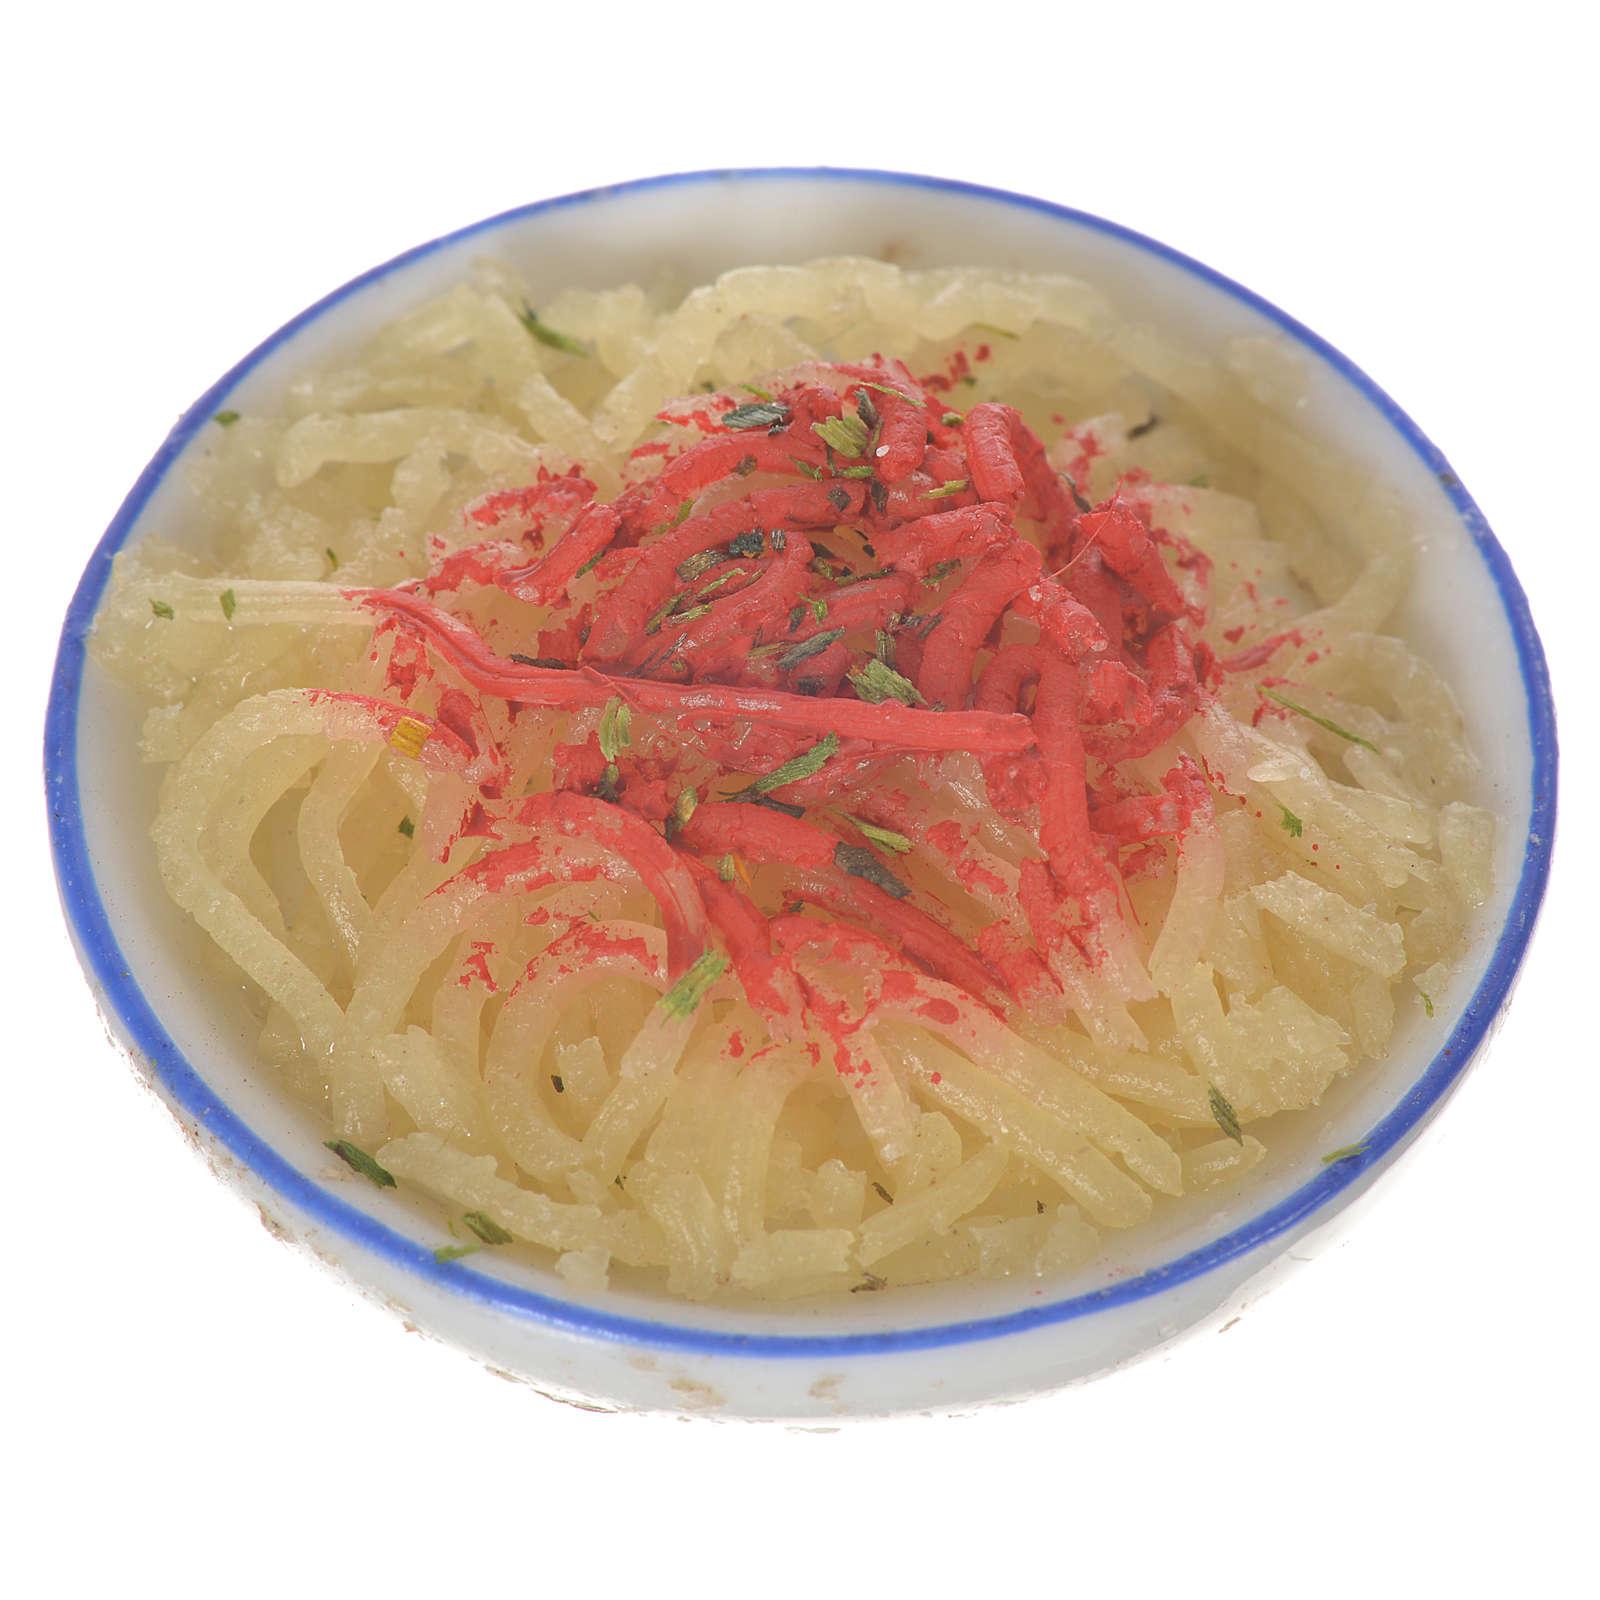 Piatto con pastasciutta in cera per figure 20-24 cm 4